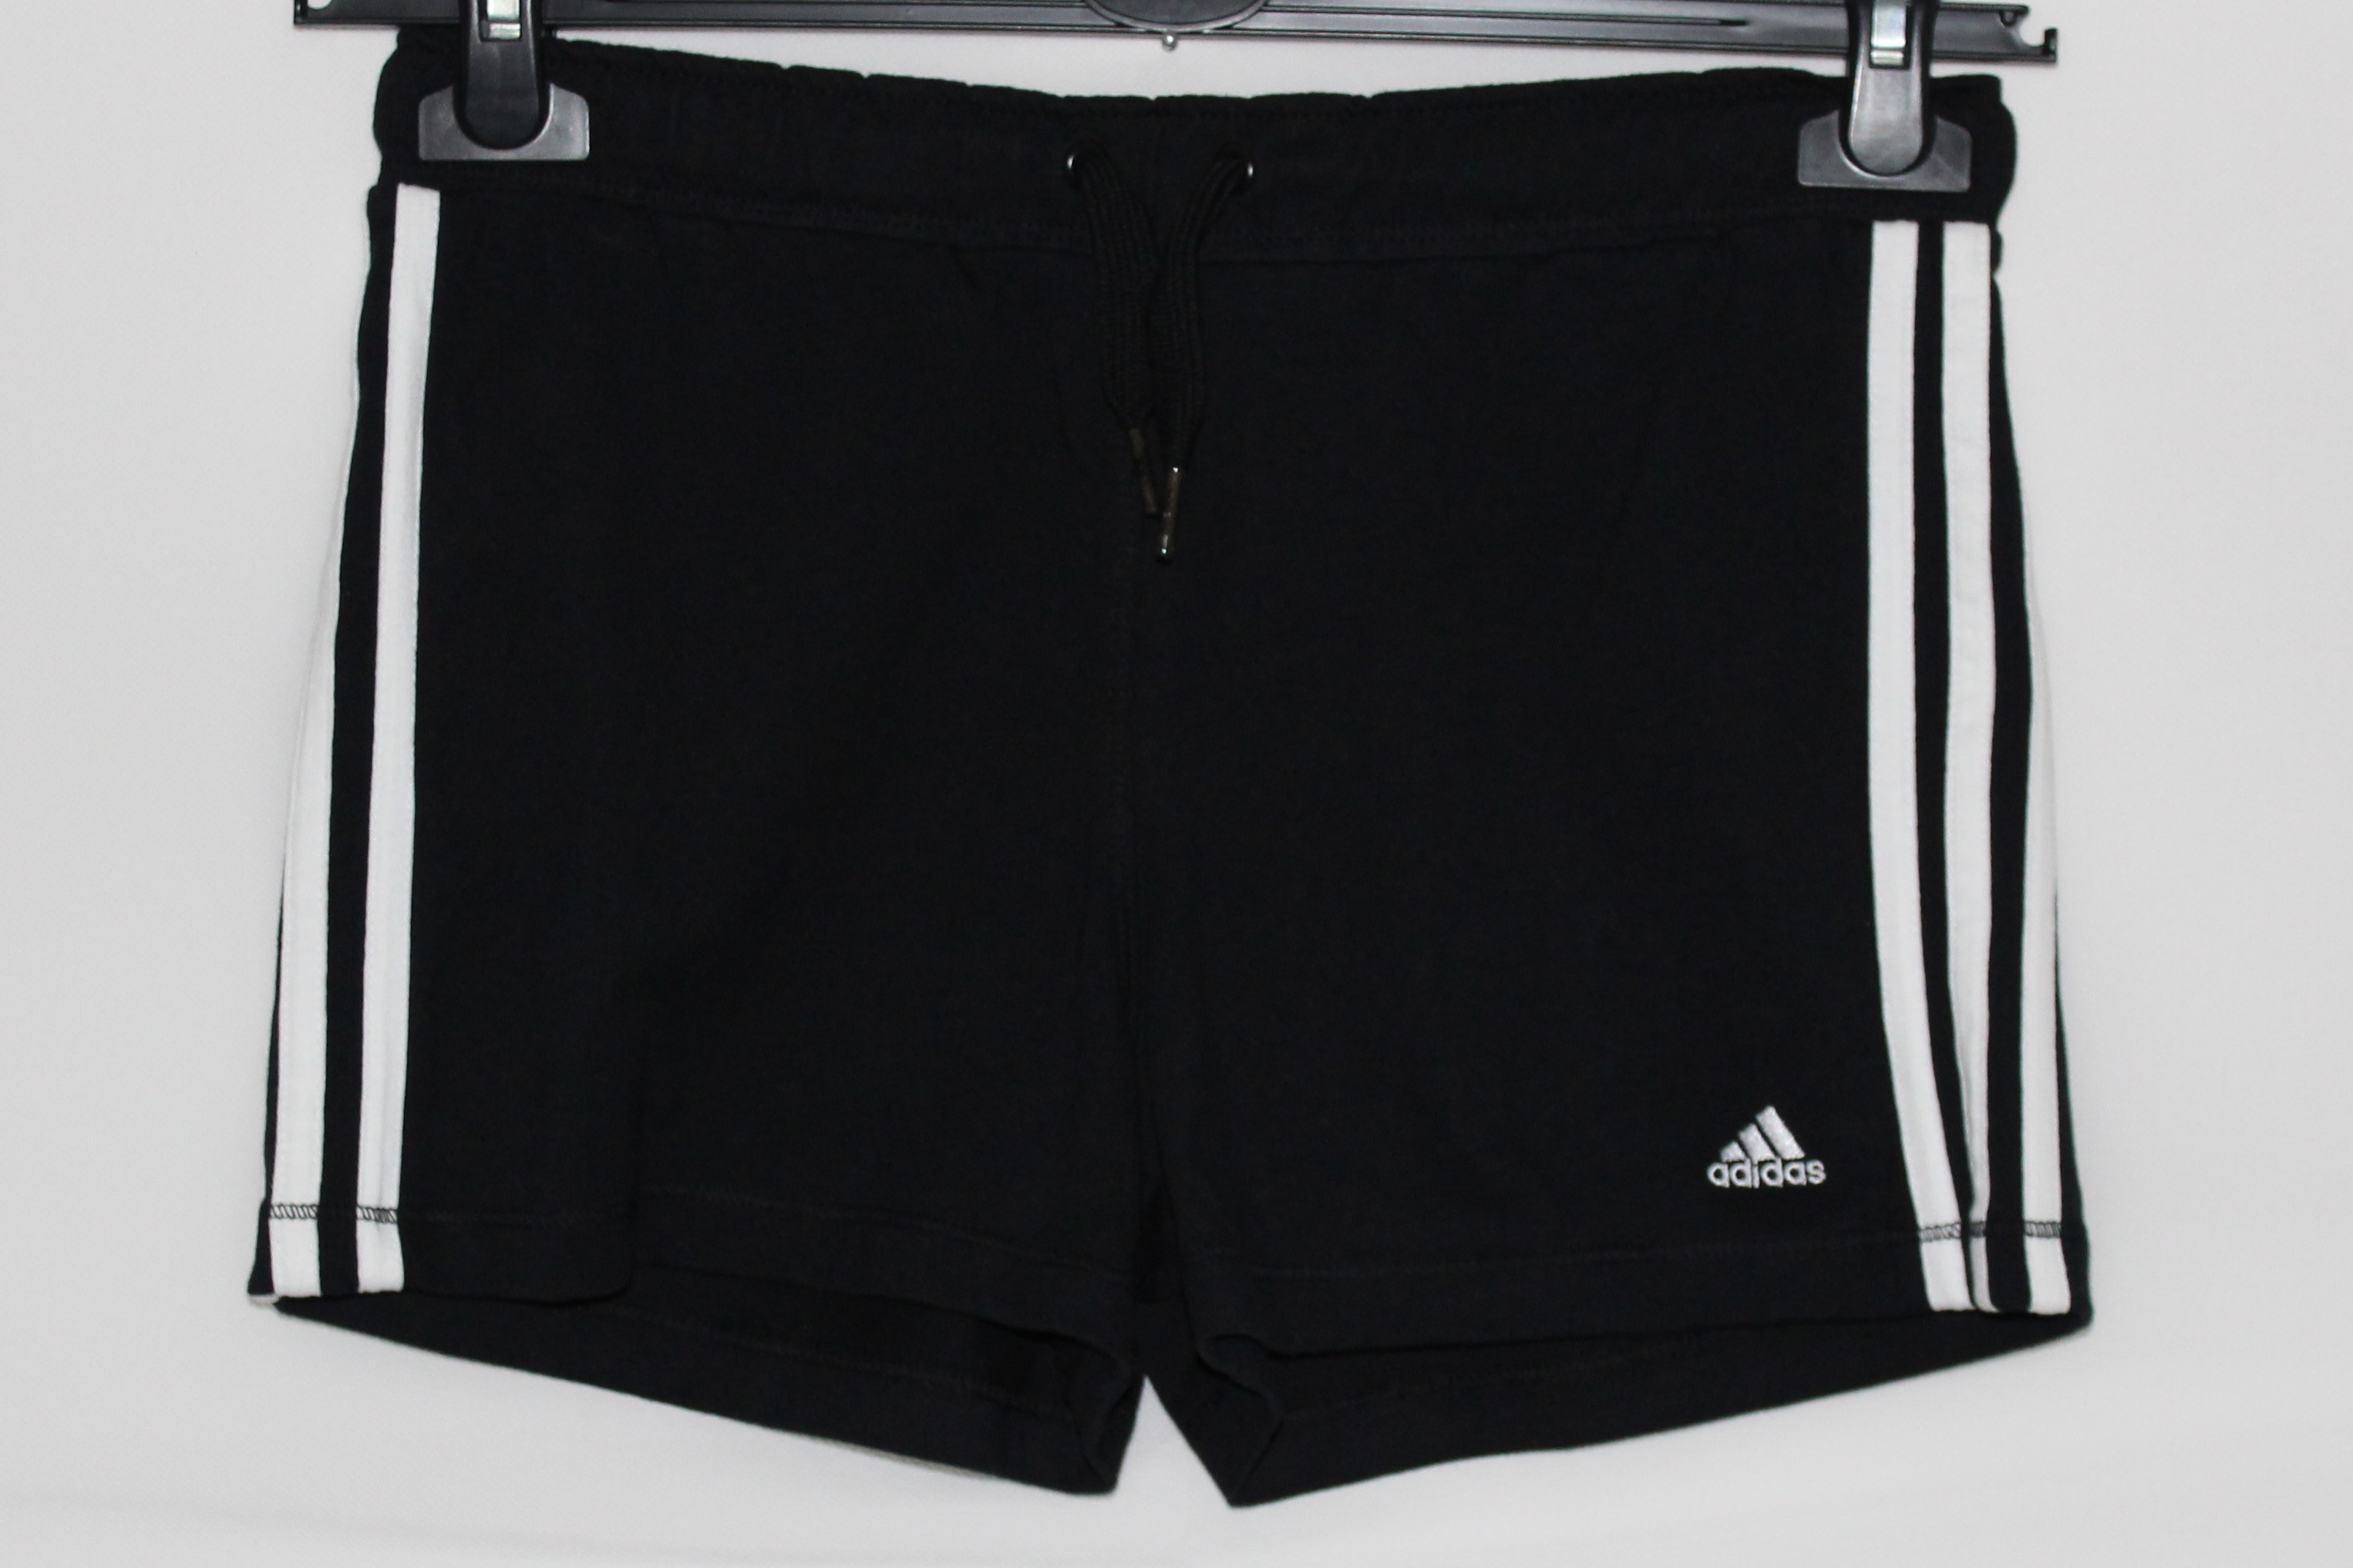 Adidas Kinder Mädchen Short schwarz weiß Gr. 164